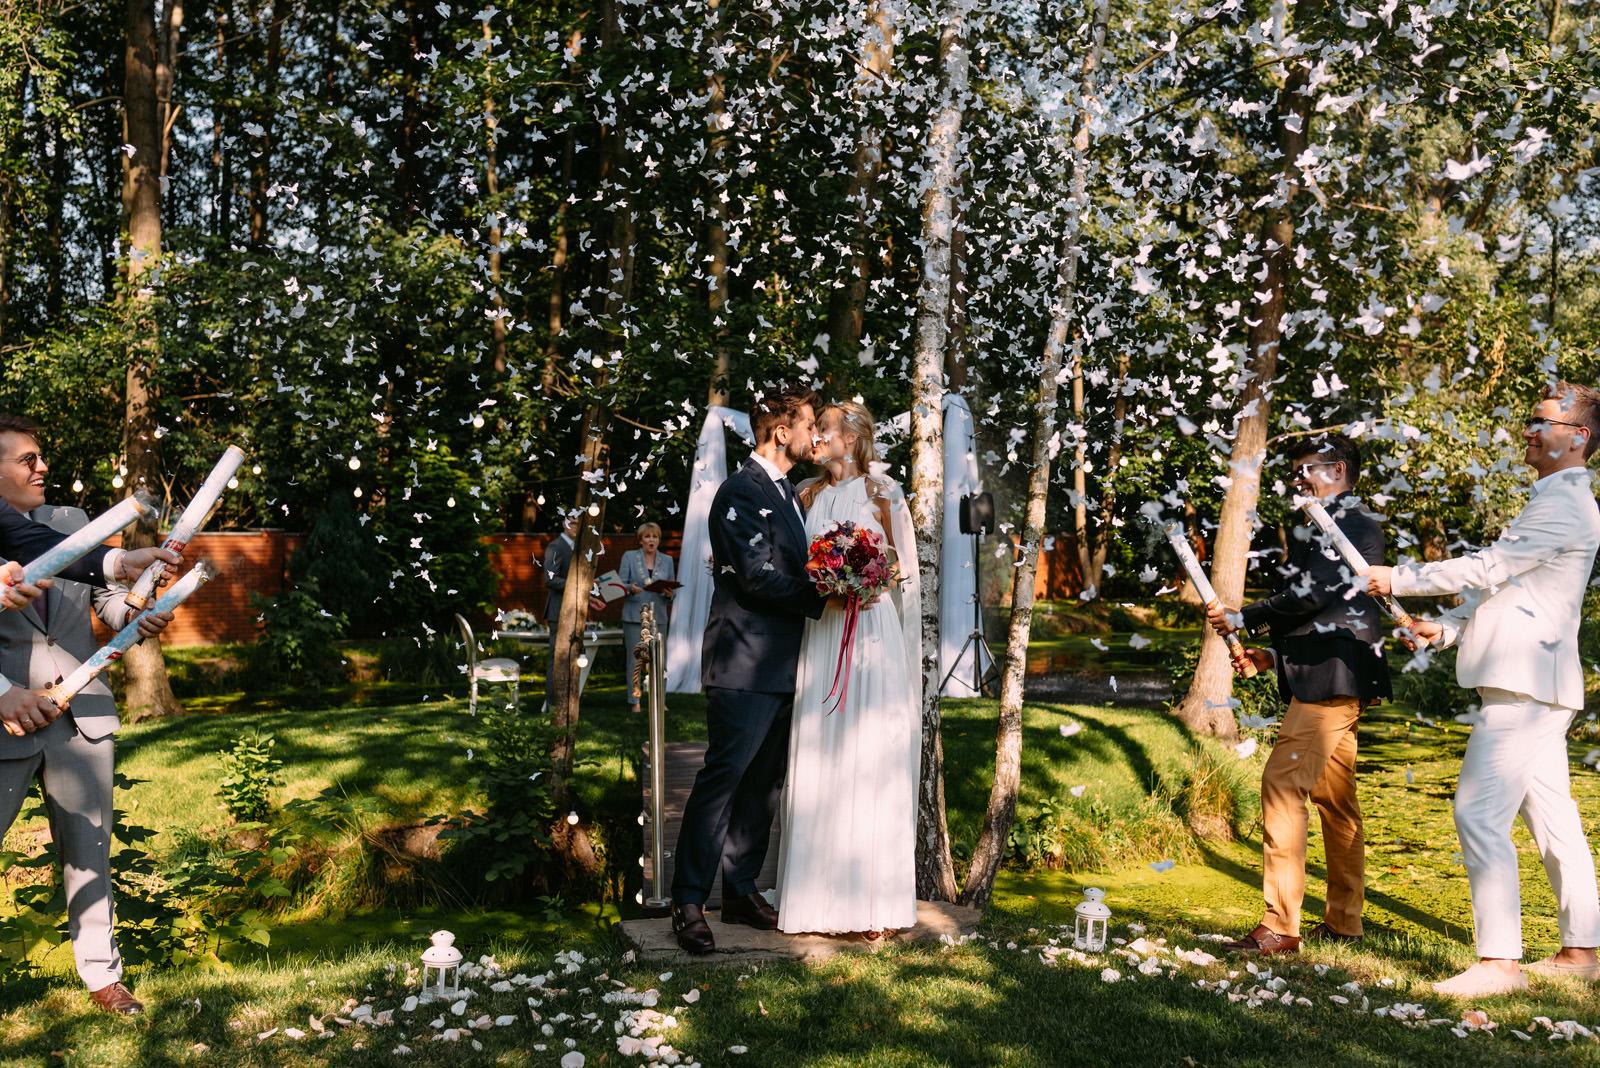 spektakularny ślub cywilny w ogrodzie, łódzkie